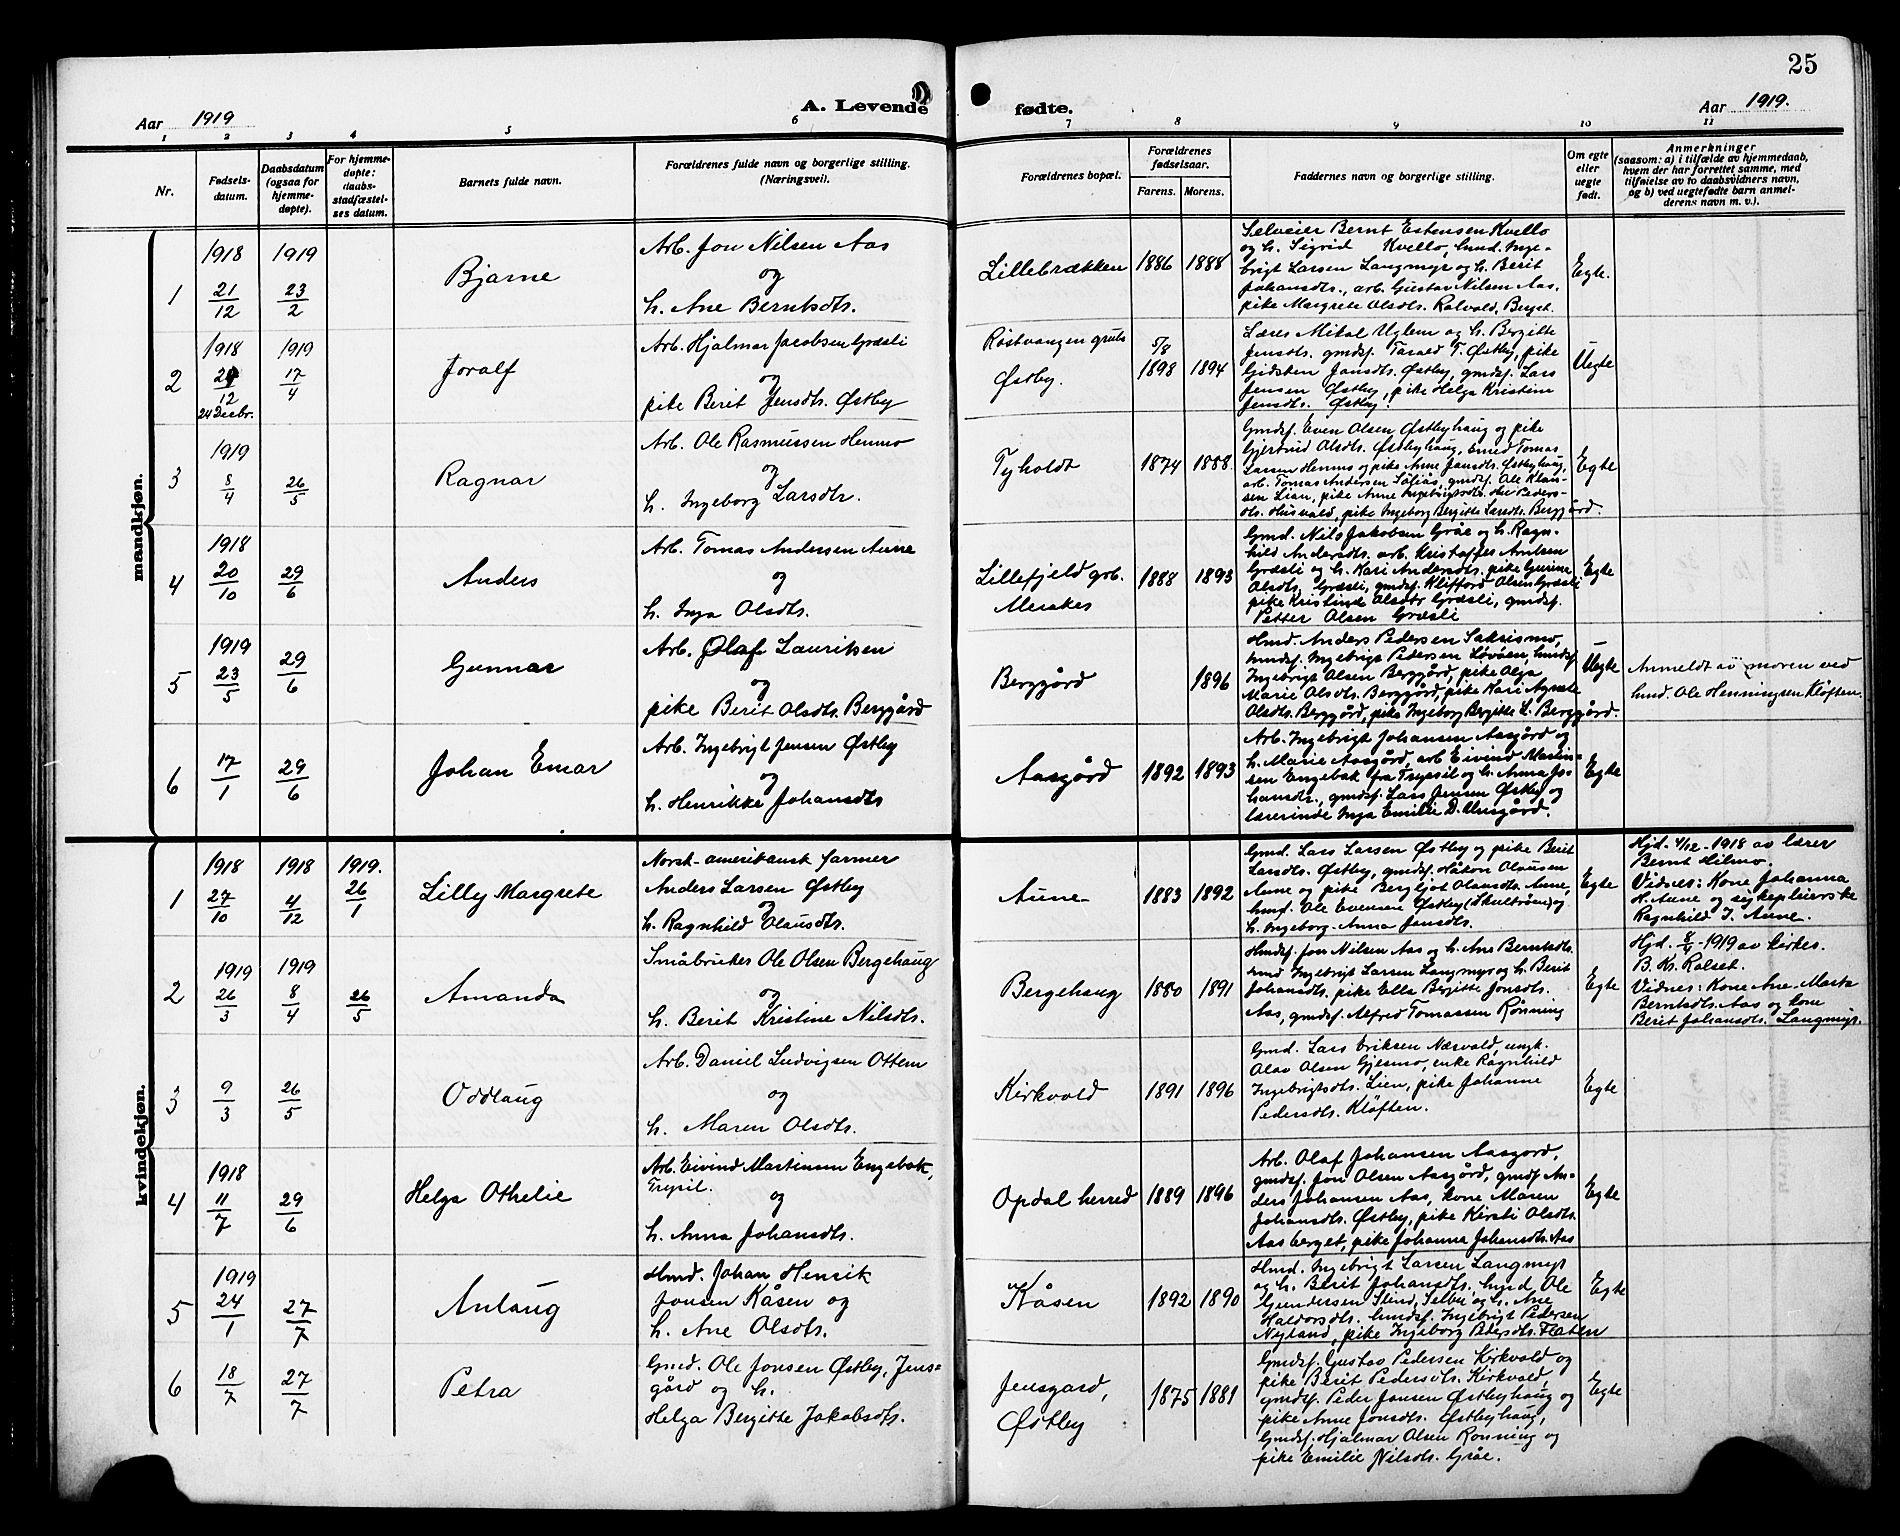 SAT, Ministerialprotokoller, klokkerbøker og fødselsregistre - Sør-Trøndelag, 698/L1168: Klokkerbok nr. 698C05, 1908-1930, s. 25